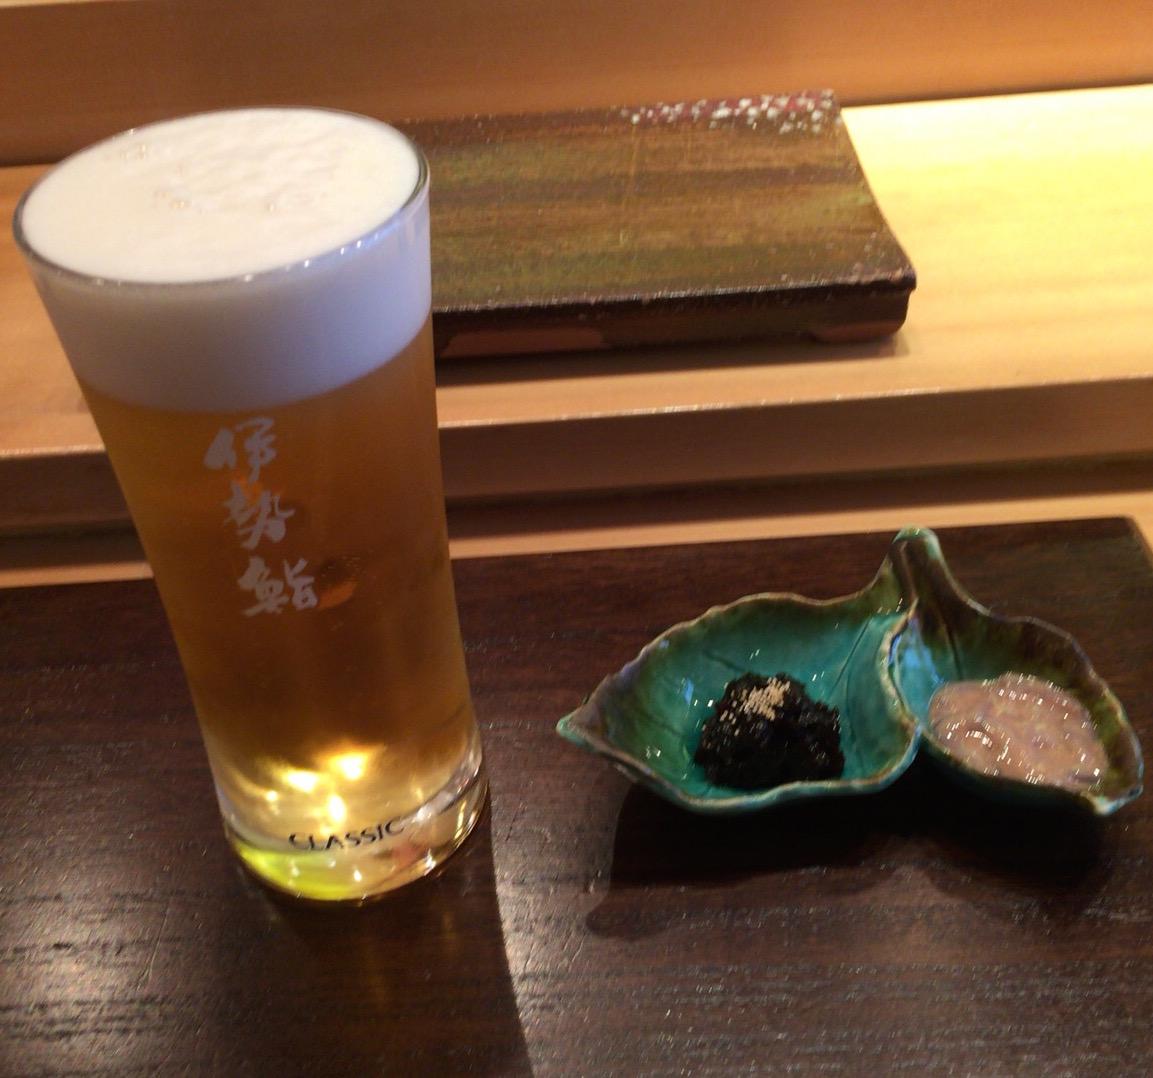 札幌クラシックの生ビール、岩のりクラゲとイカの塩辛